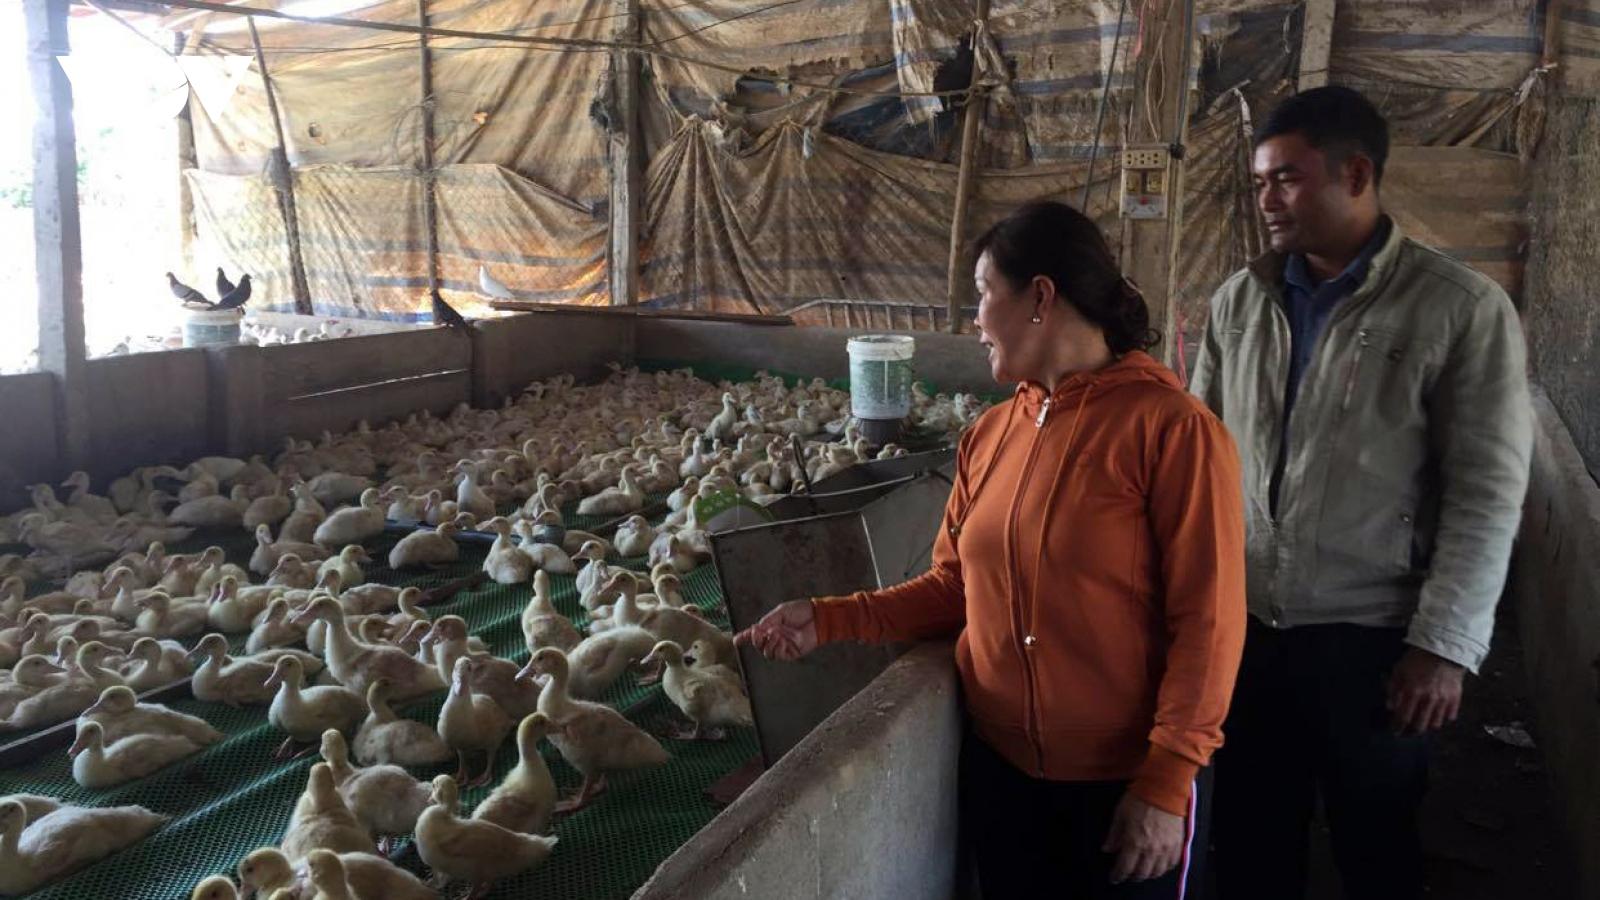 Lâm Đồng hơn 3.000 hộ chăn nuôi lợn chưa thể tái đàn sau dịch